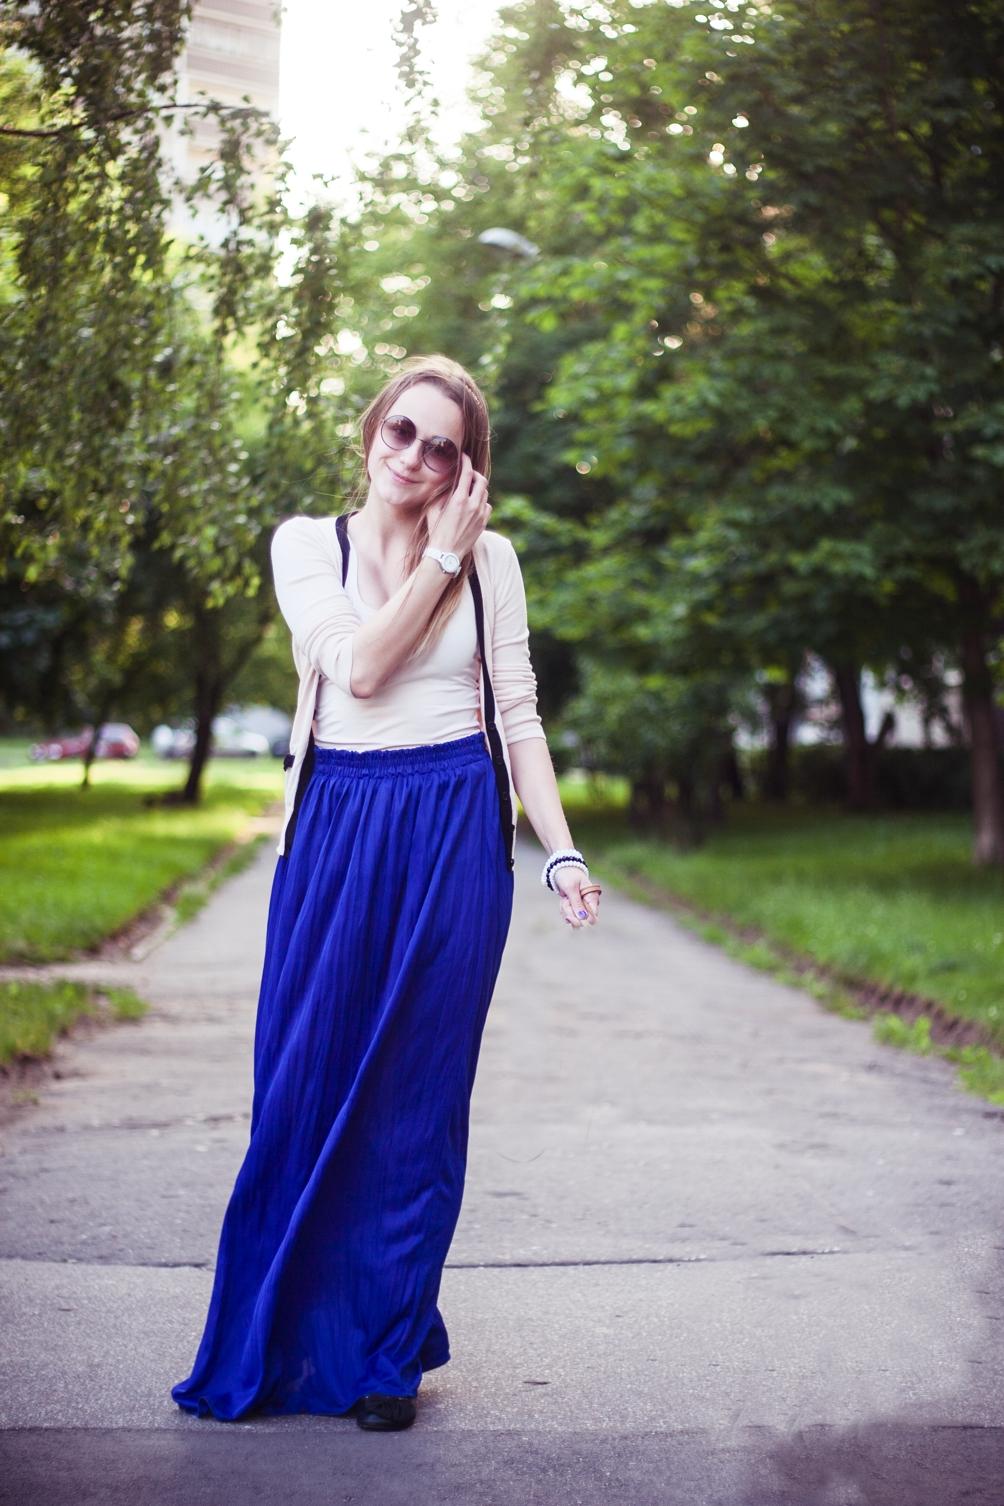 Ярко красные трусики под синей джинсовой юбкой 23 фотография